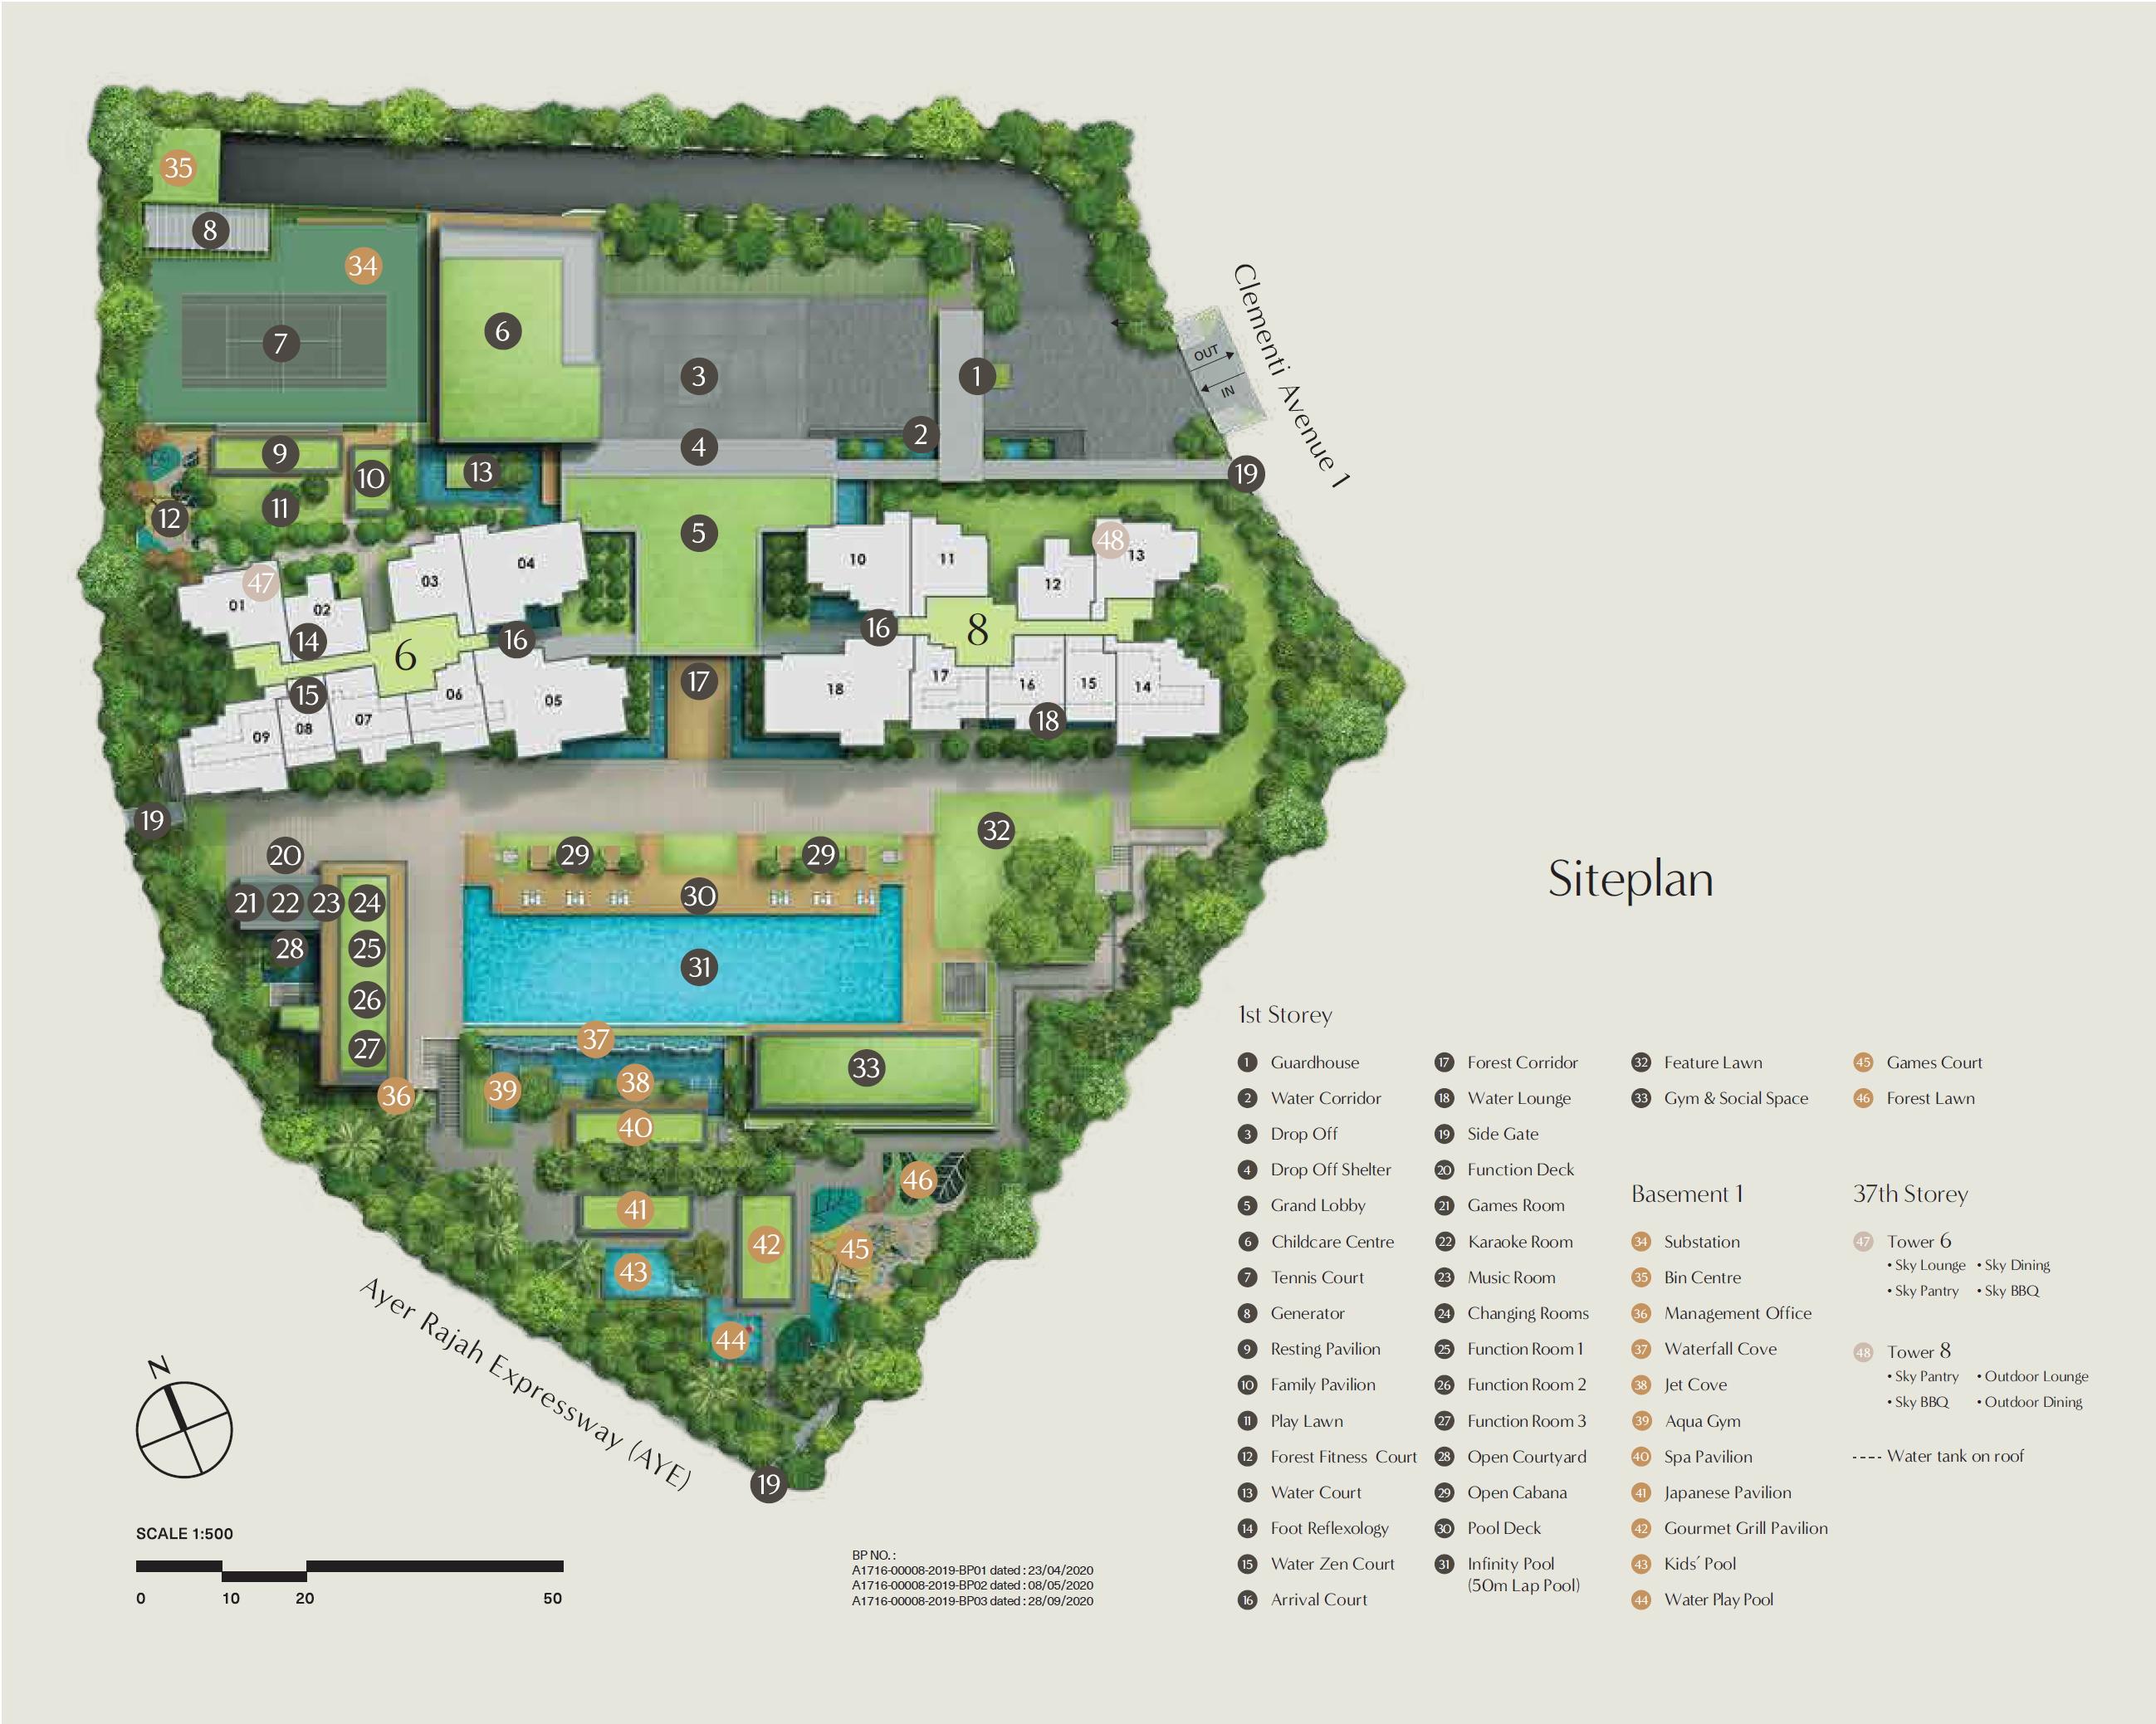 Clavon site plan